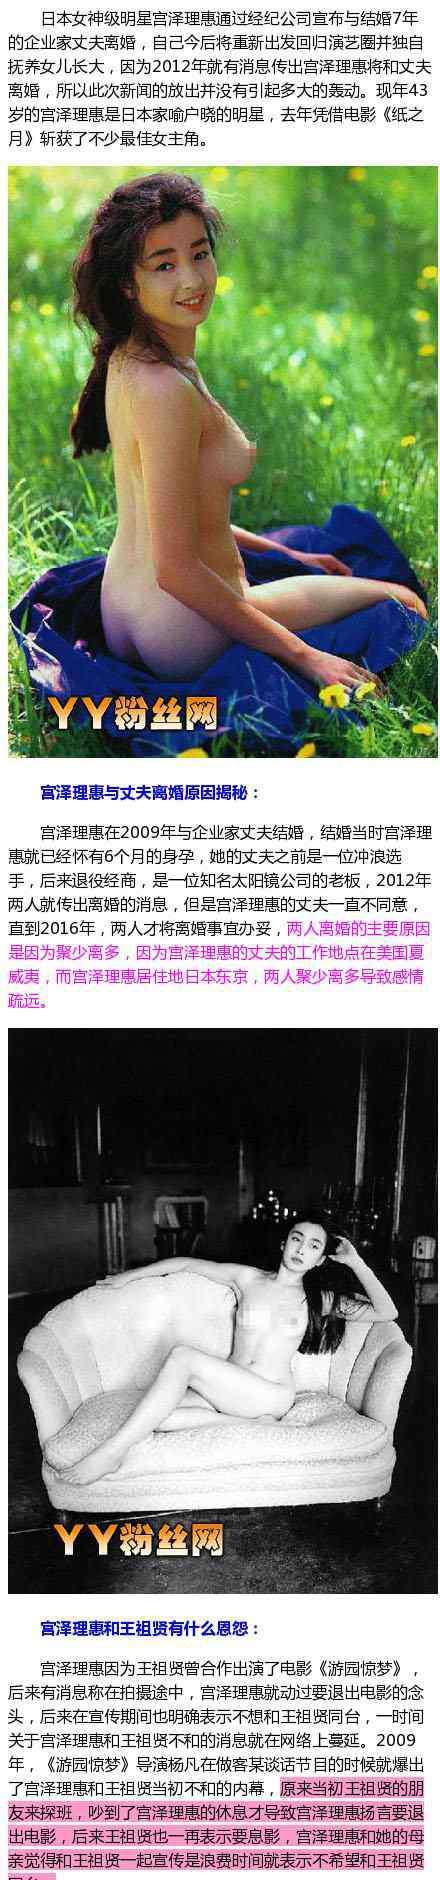 宫泽理惠图片 宫泽理惠年轻照片好漂亮大尺度写真 其个人资料和老公离婚原因